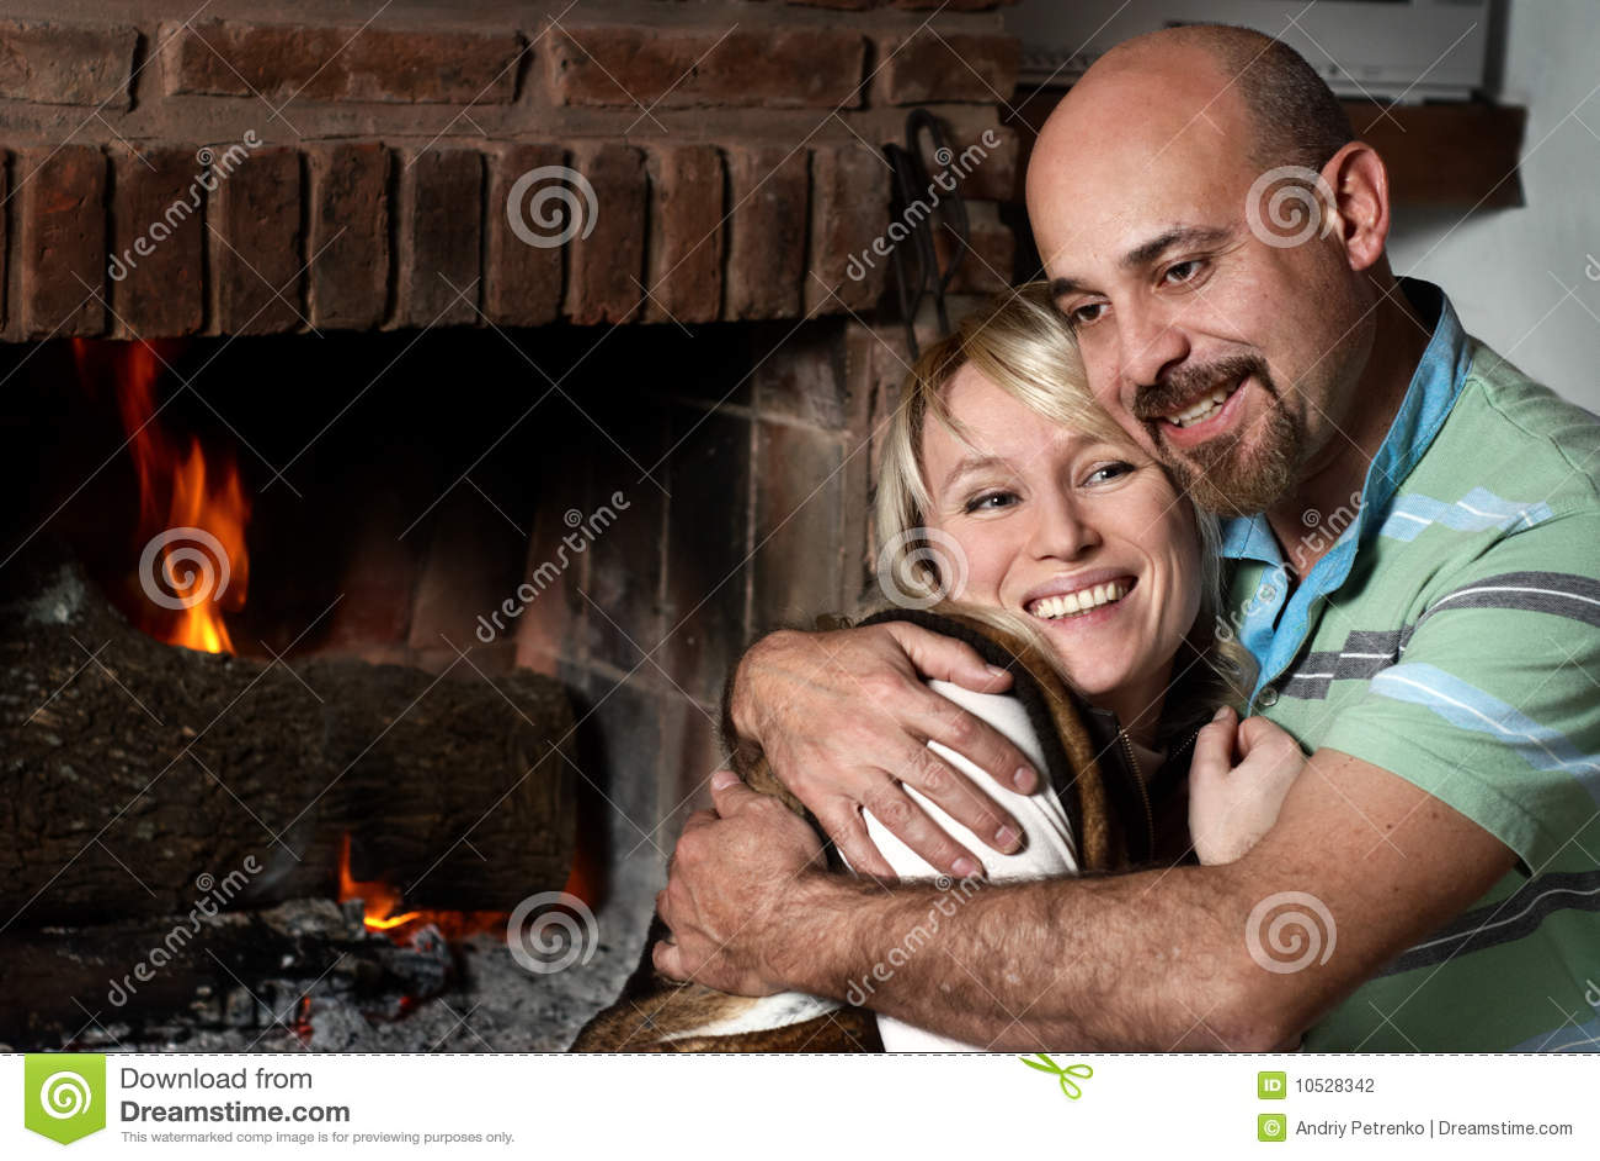 Фото пар возле камина 11 фотография